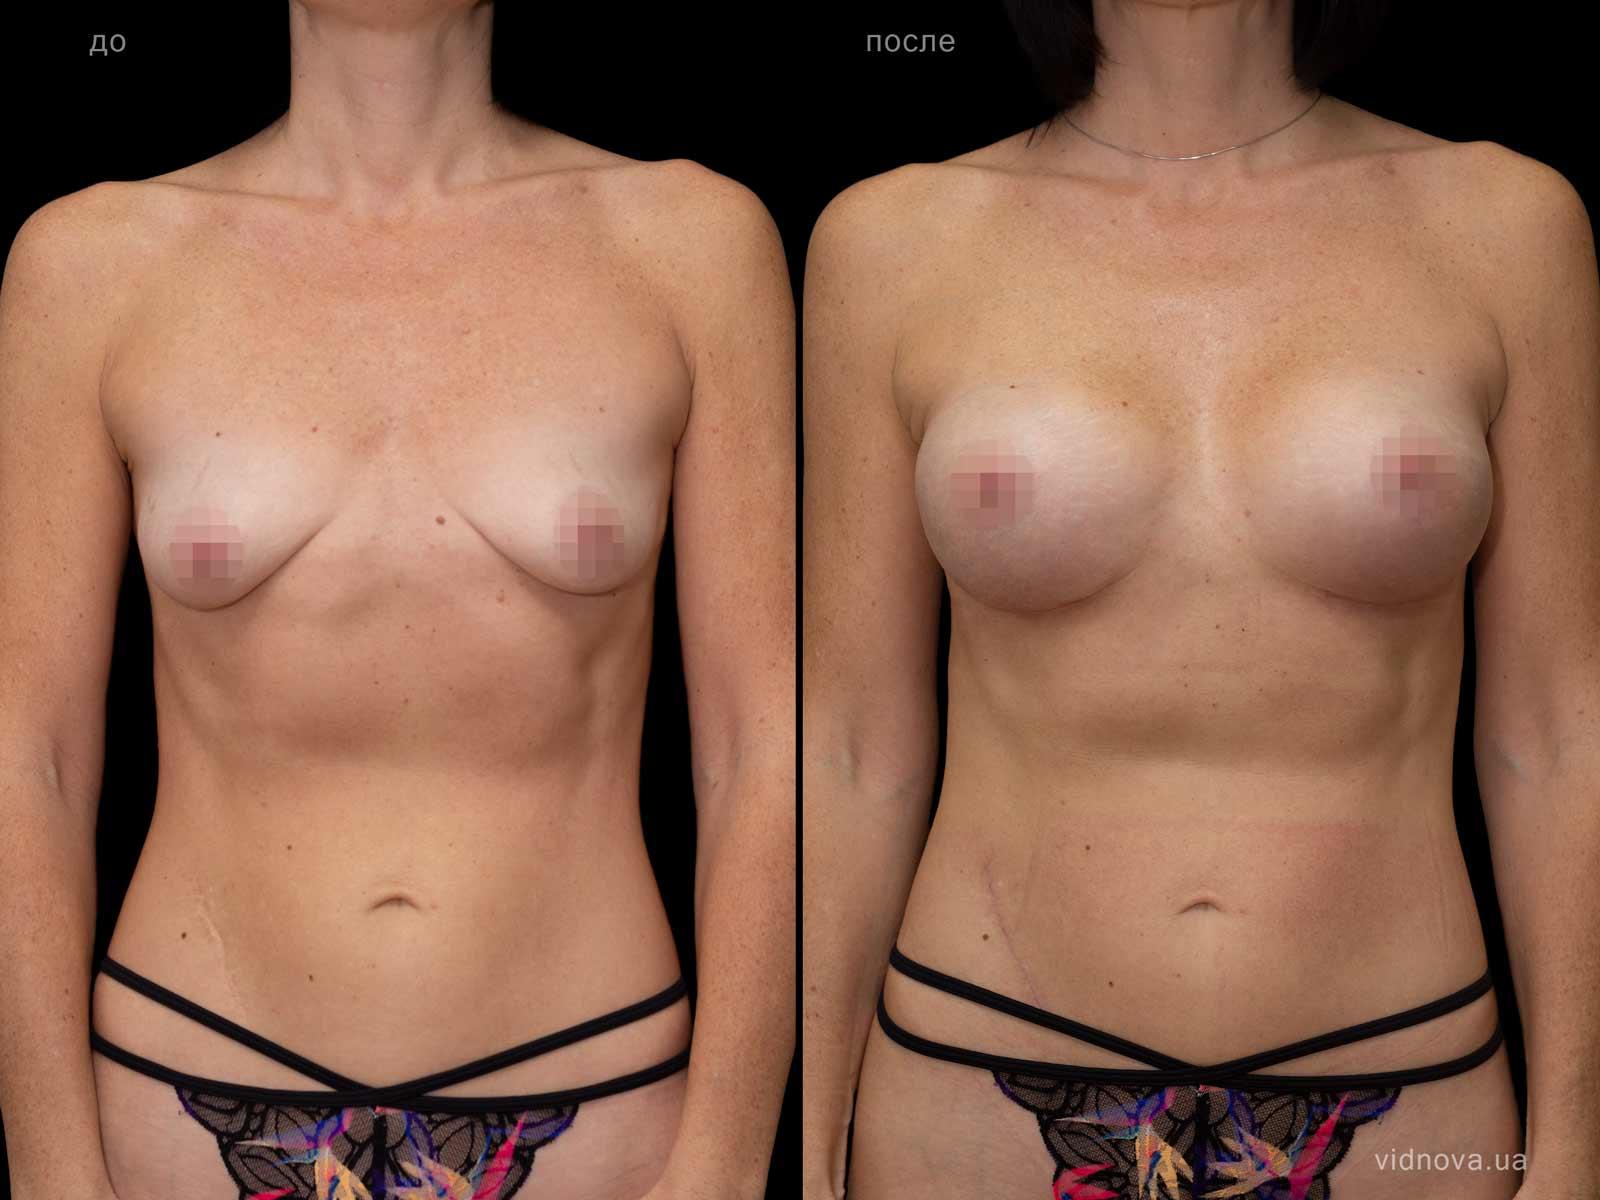 Пластика груди: результаты до и после - Пример №67-0 - Светлана Работенко